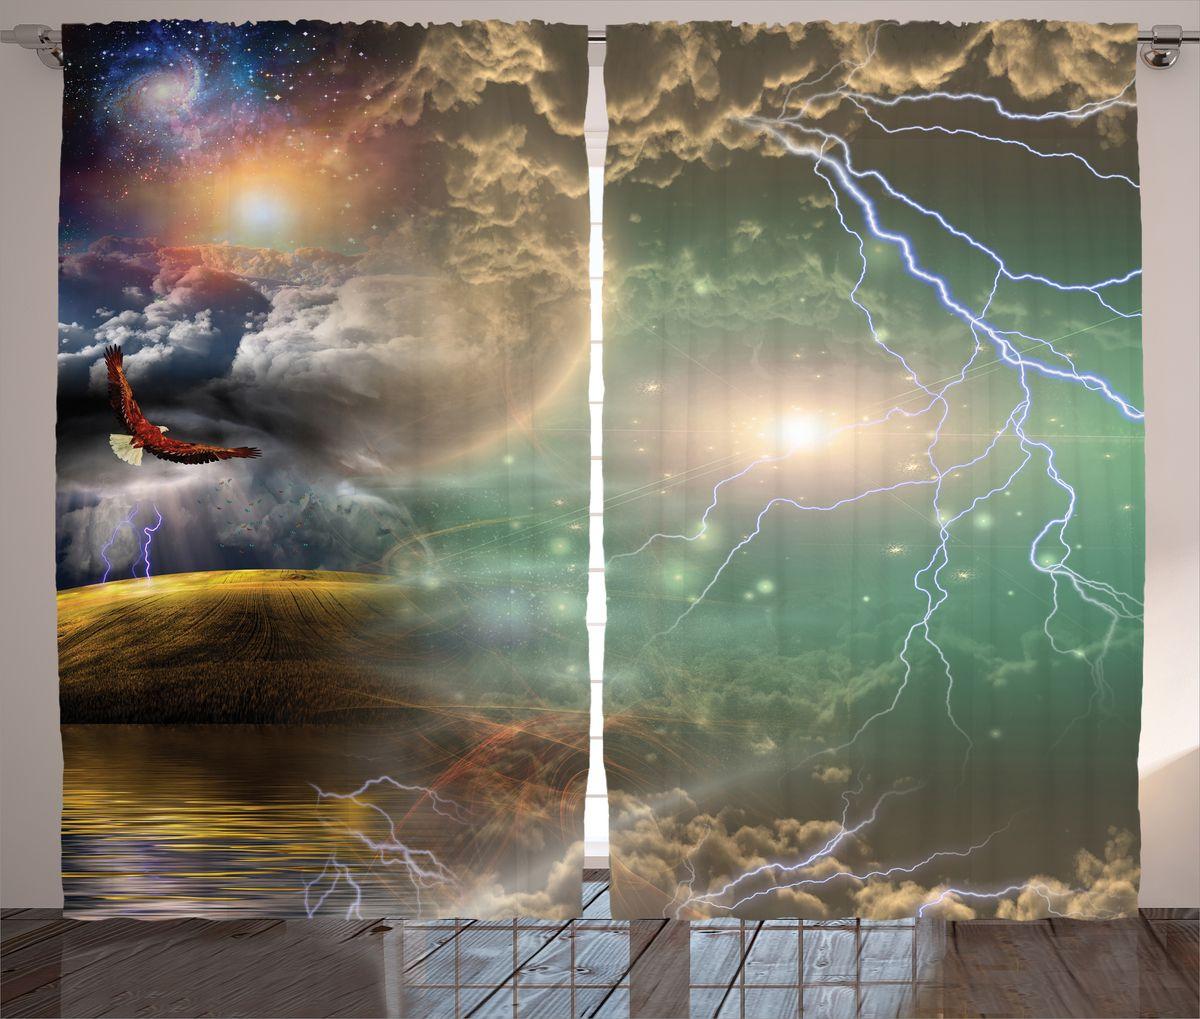 Комплект фотоштор Magic Lady Орел и молнии, на ленте, высота 265 см. шсг_15820шсг_15820Компания Сэмболь изготавливает шторы из высококачественного сатена (полиэстер 100%). При изготовлении используются специальные гипоаллергенные чернила для прямой печати по ткани, безопасные для человека и животных. Экологичность продукции Magic lady и безопасность для окружающей среды подтверждены сертификатом Oeko-Tex Standard 100. Крепление: крючки для крепления на шторной ленте (50 шт). Возможно крепление на трубу. Внимание! При нанесении сублимационной печати на ткань технологическим методом при температуре 240°С, возможно отклонение полученных размеров (указанных на этикетке и сайте) от стандартных на + - 3-5 см. Производитель старается максимально точно передать цвета изделия на фотографиях, однако искажения неизбежны и фактический цвет изделия может отличаться от воспринимаемого по фото. Обратите внимание! Шторы изготовлены из полиэстра сатенового переплетения, а не из сатина (хлопок). Размер одного полотна шторы: 145х265 см. В комплекте 2...